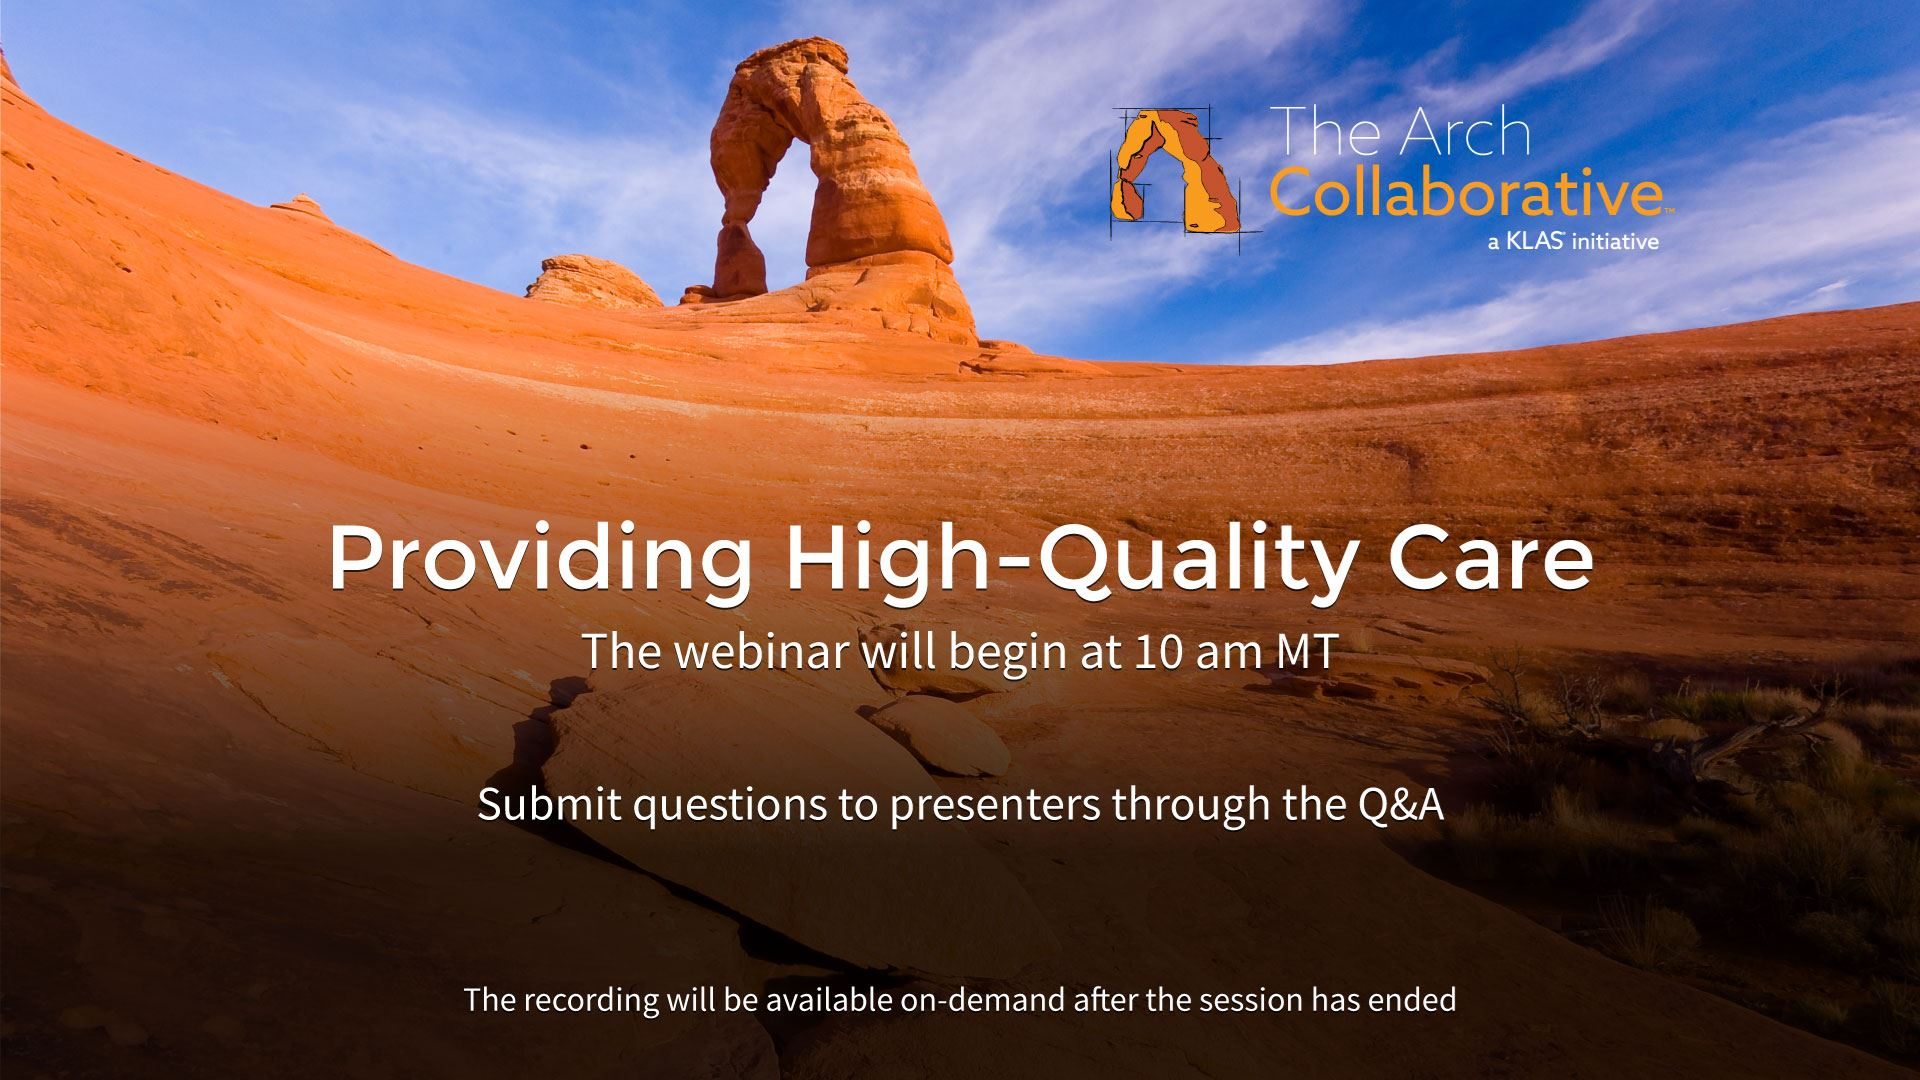 Providing High-Quality Care (Webinar)